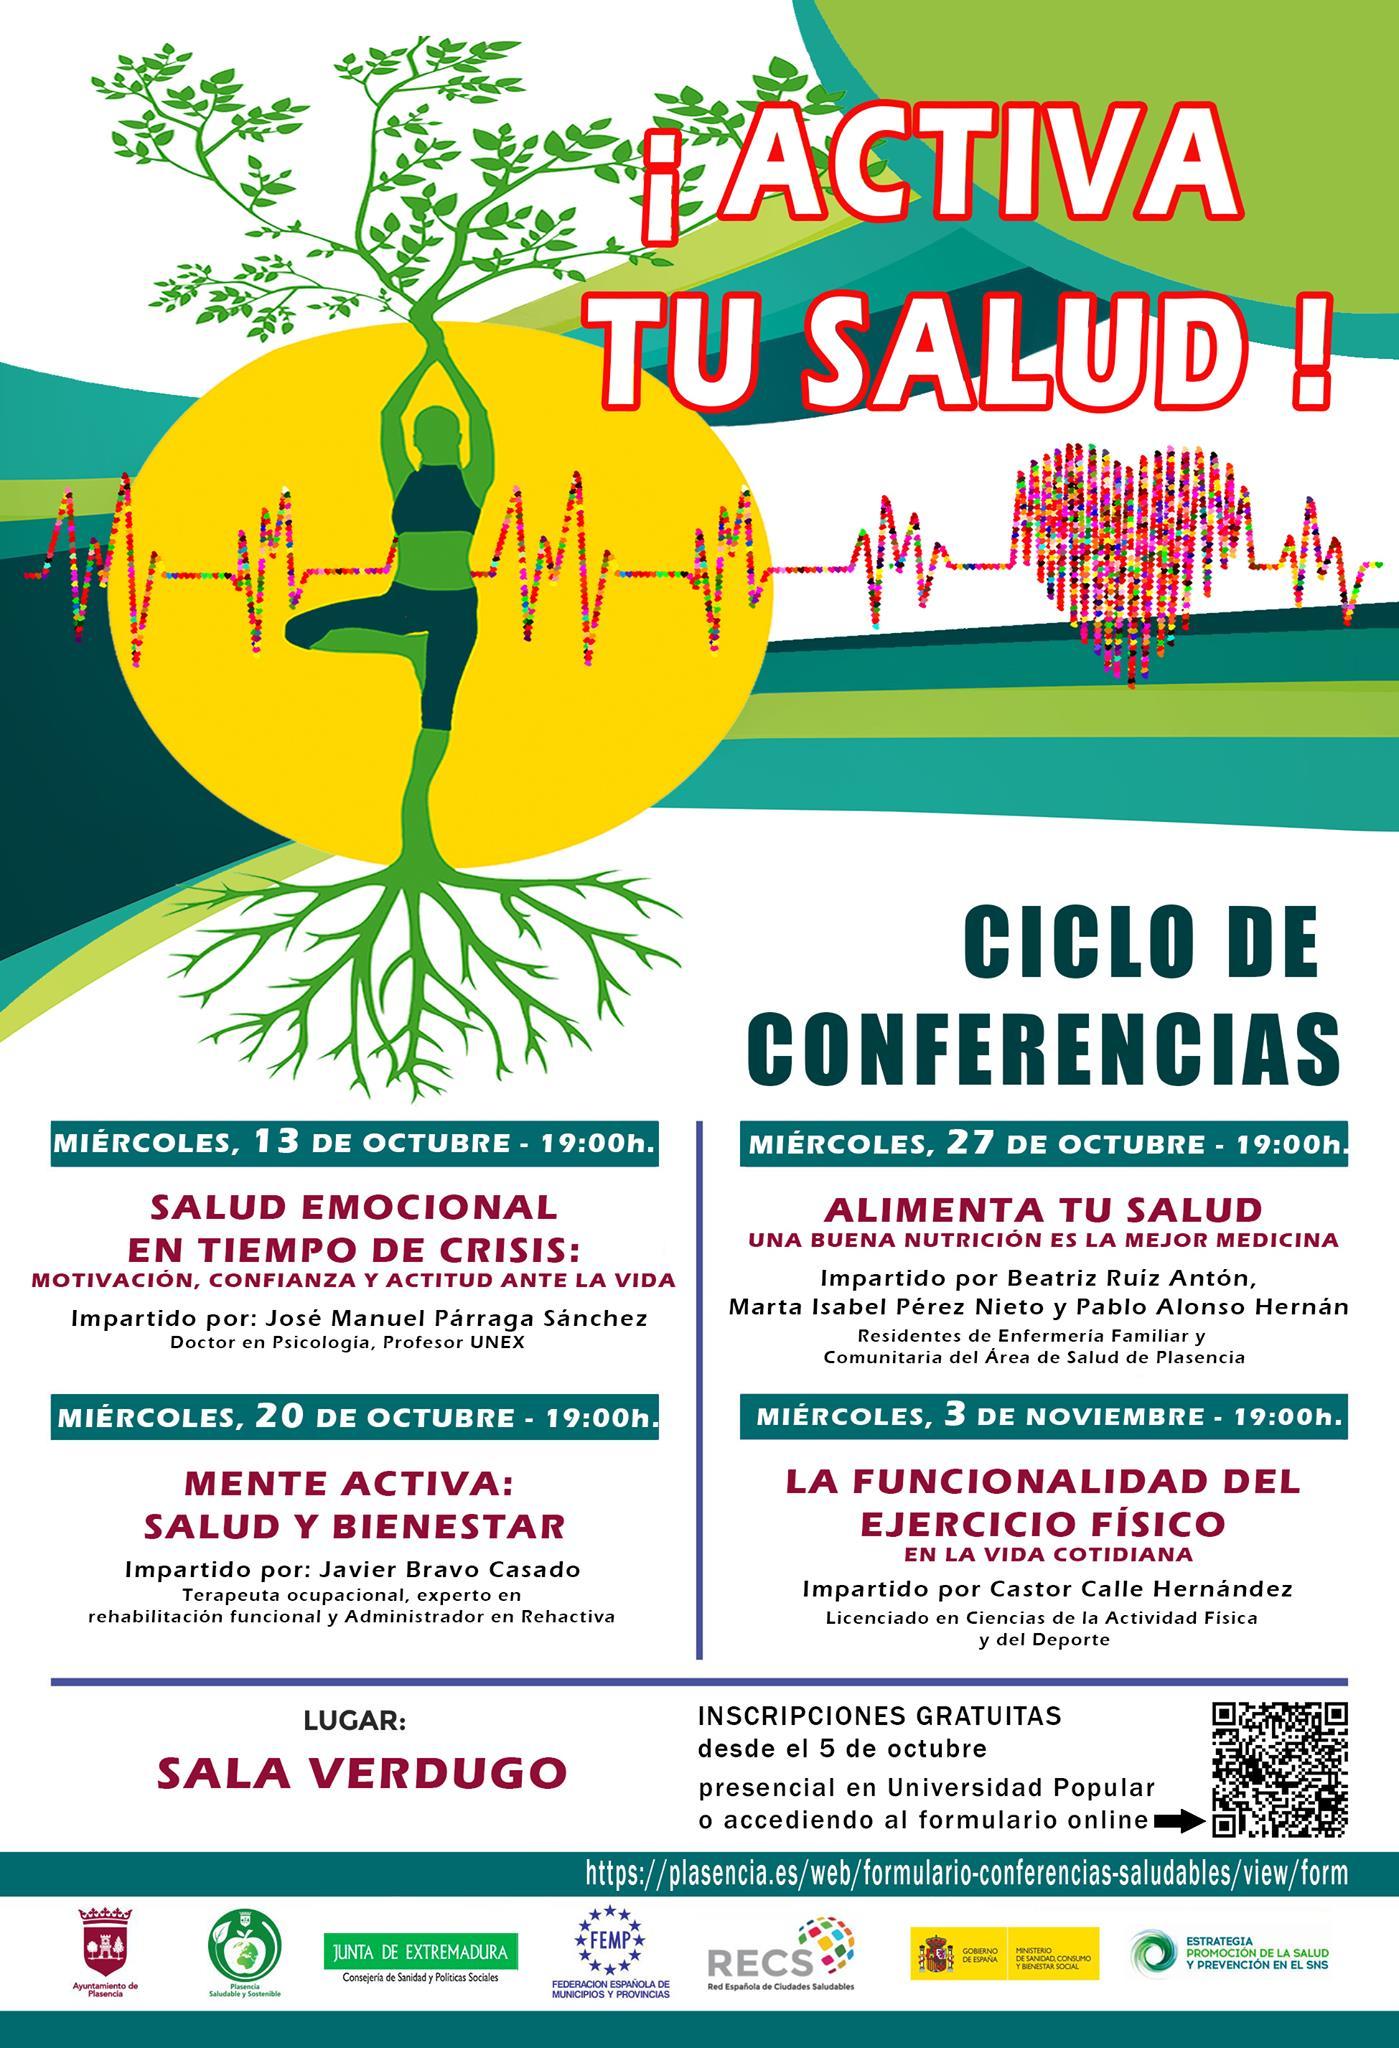 Ciclo de conferencias (octubre y noviembre 2021) - Plasencia (Cáceres)